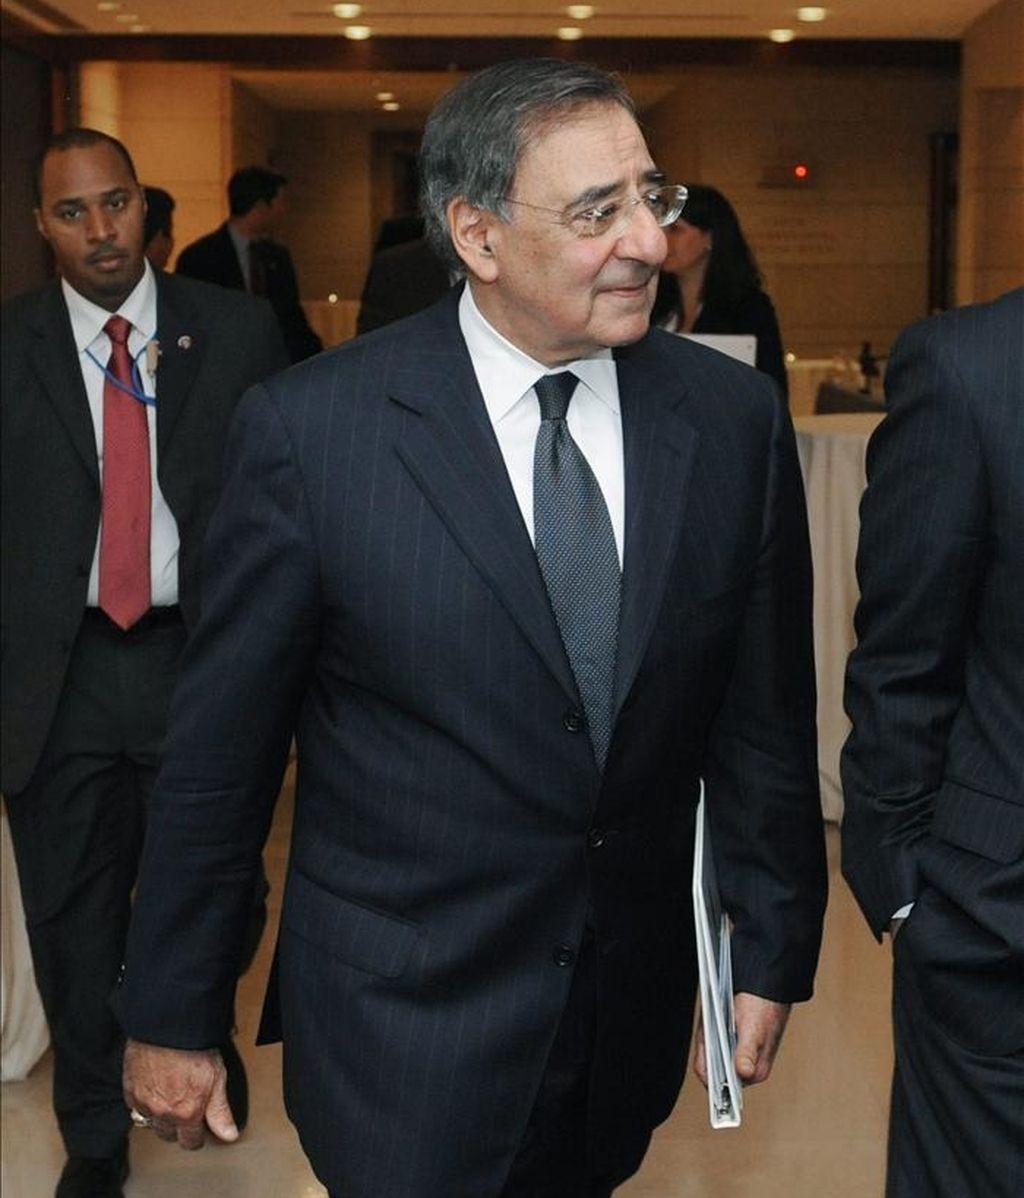 Imagen del director de la Agencia Central de Inteligencia (CIA) Leon Panetta. El jefe de la principal agencia de inteligencia paquistaní (ISI), Ahmad Shuja Pasha, se reunirá con su colega estadounidense. EFE